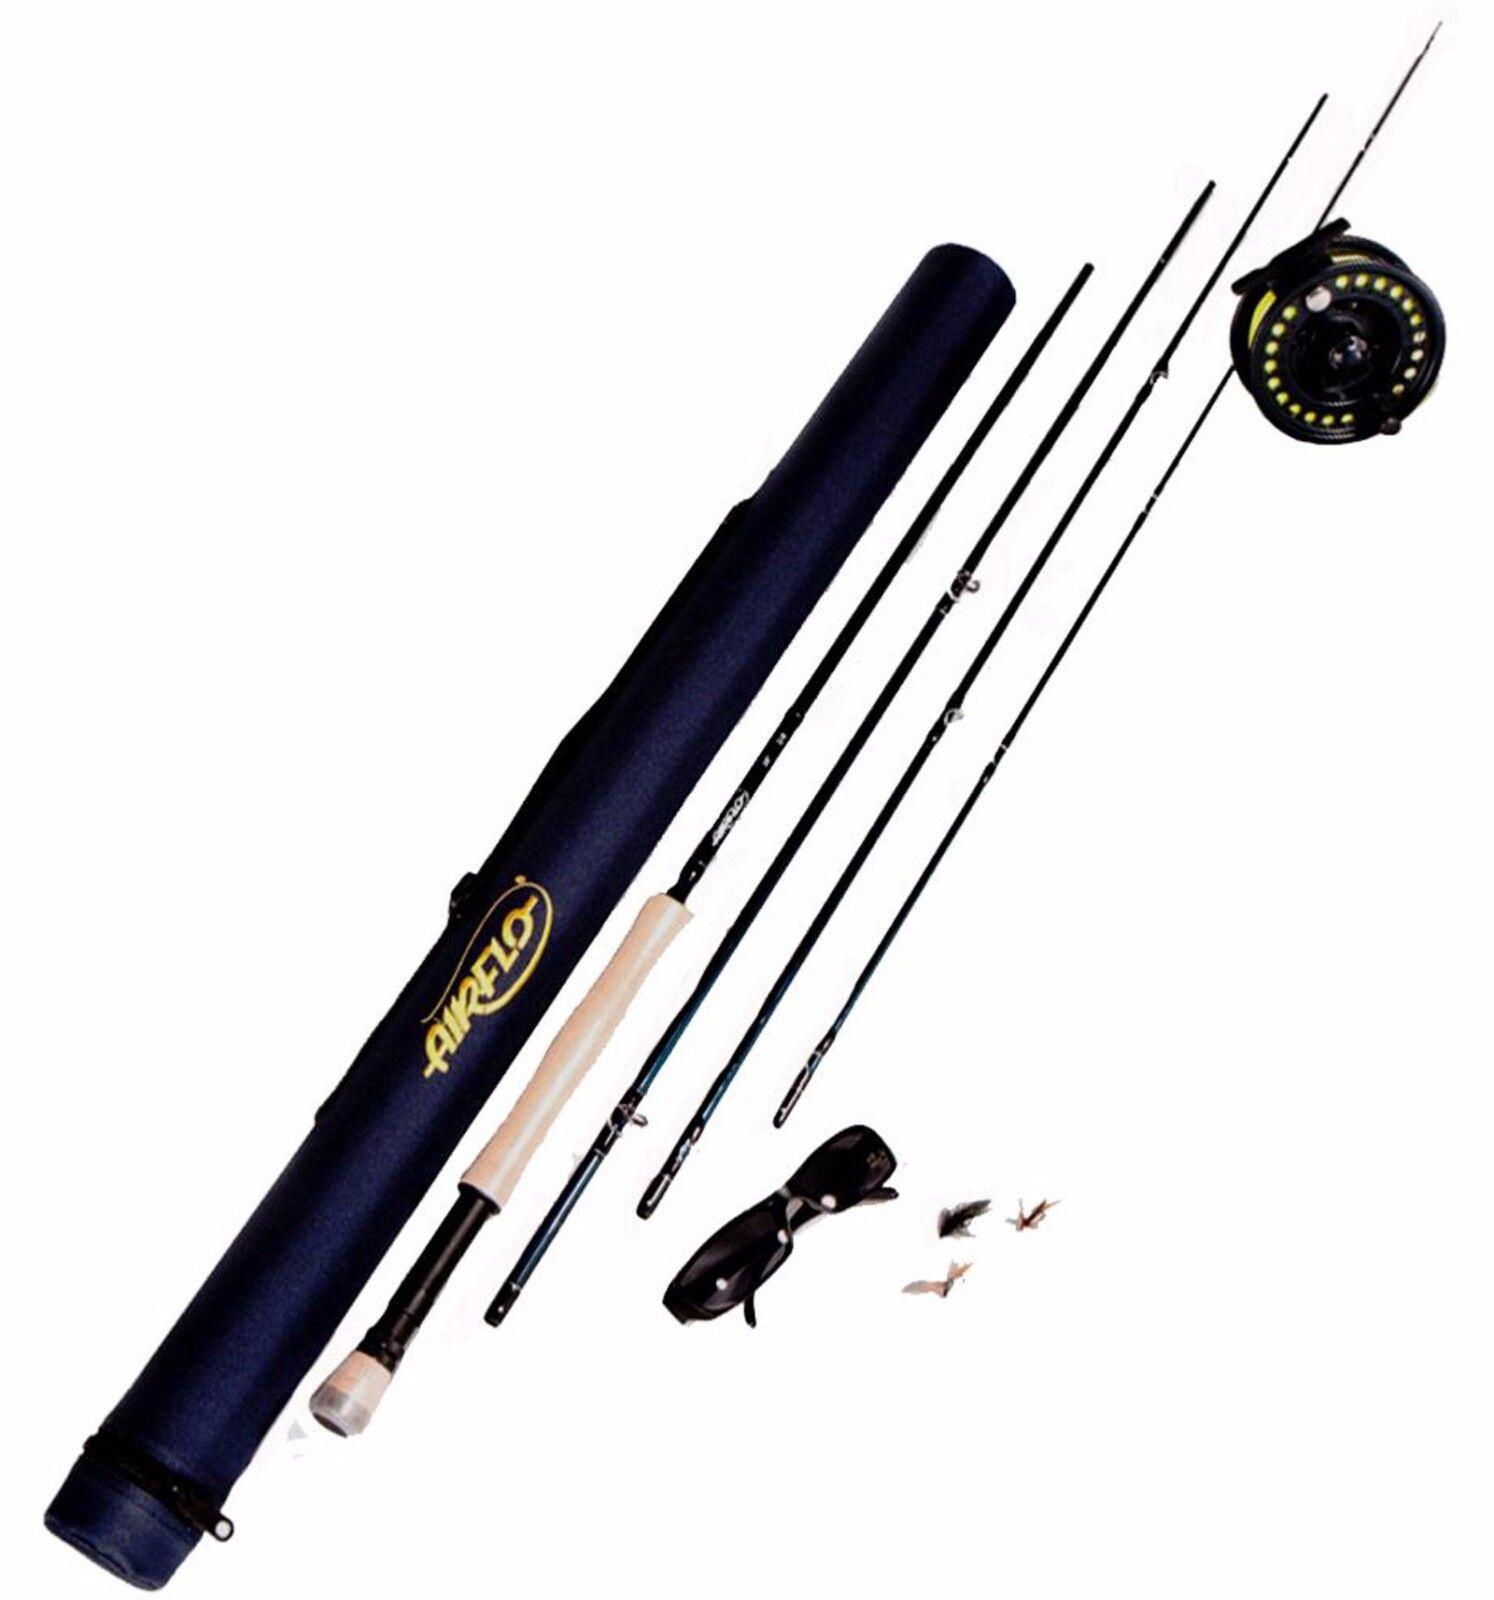 Leeda Airflo Fly Fishing Kits 9ft 8 9  Rod reel Float Fly Box & Tube